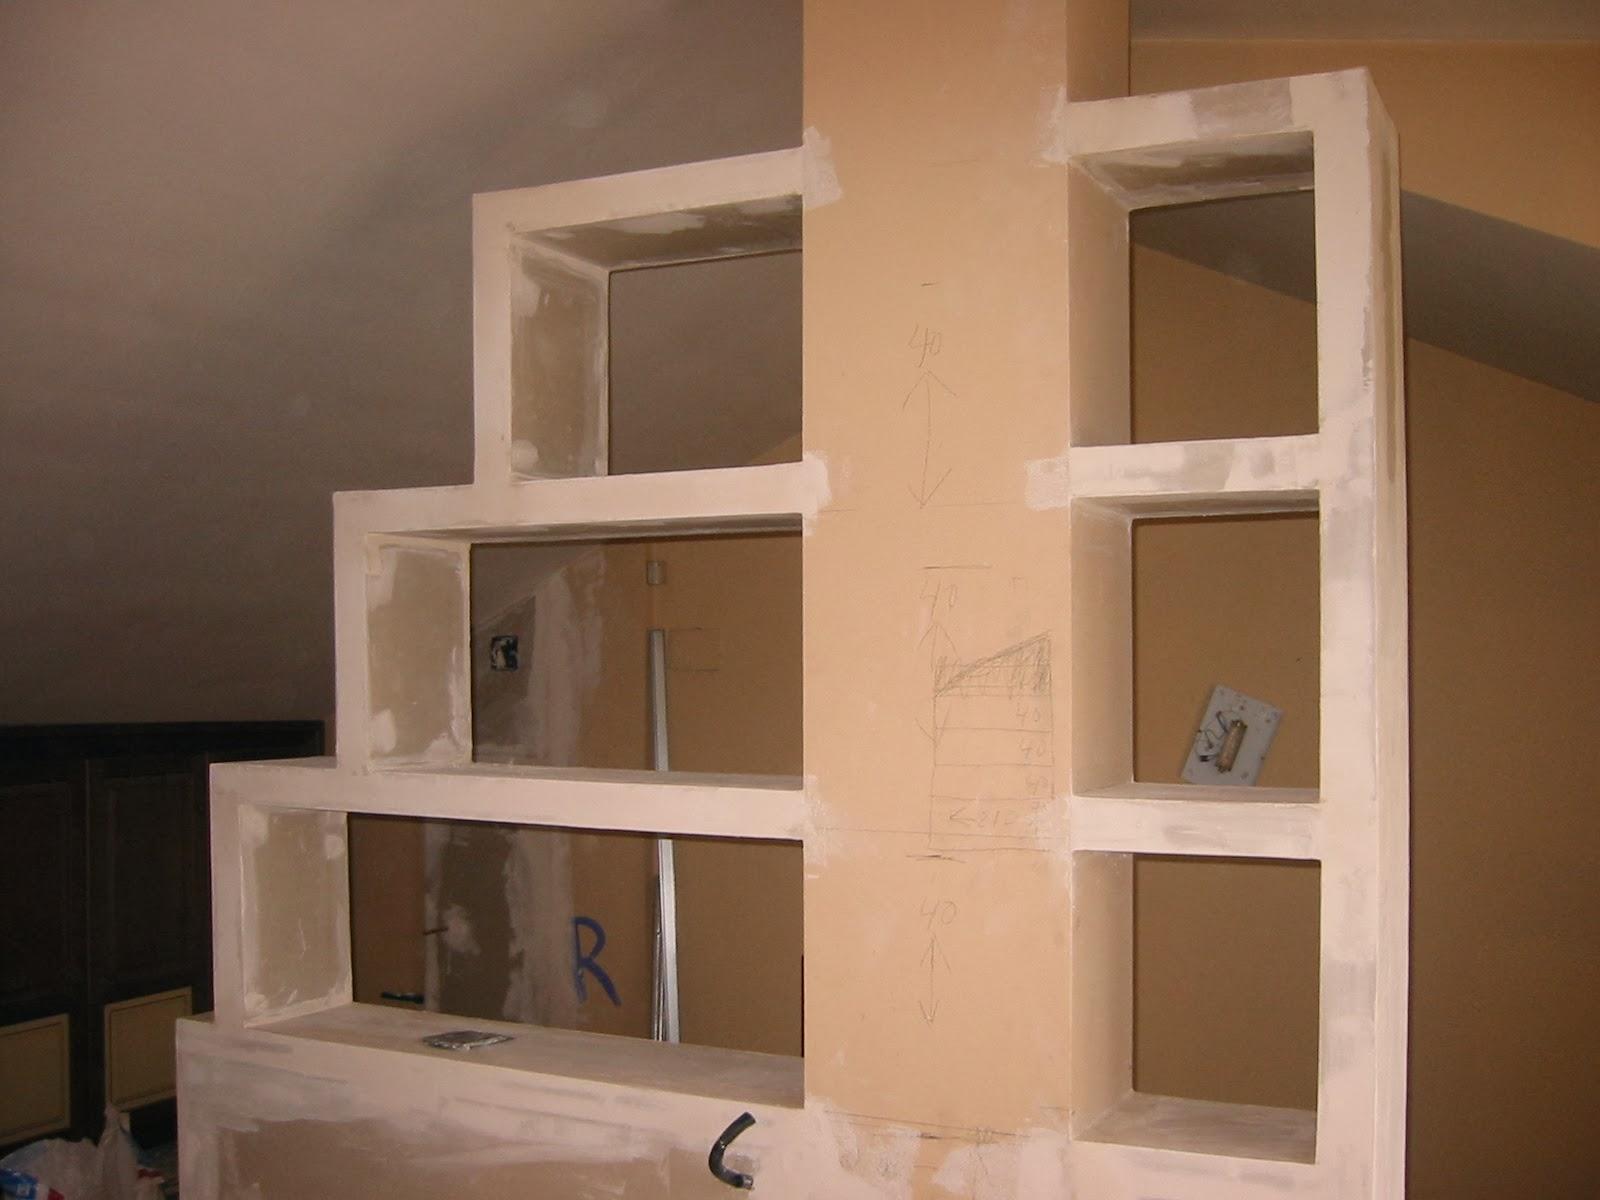 Estanteria de pladur y puerta corredera de cristal - Estanterias pladur ...